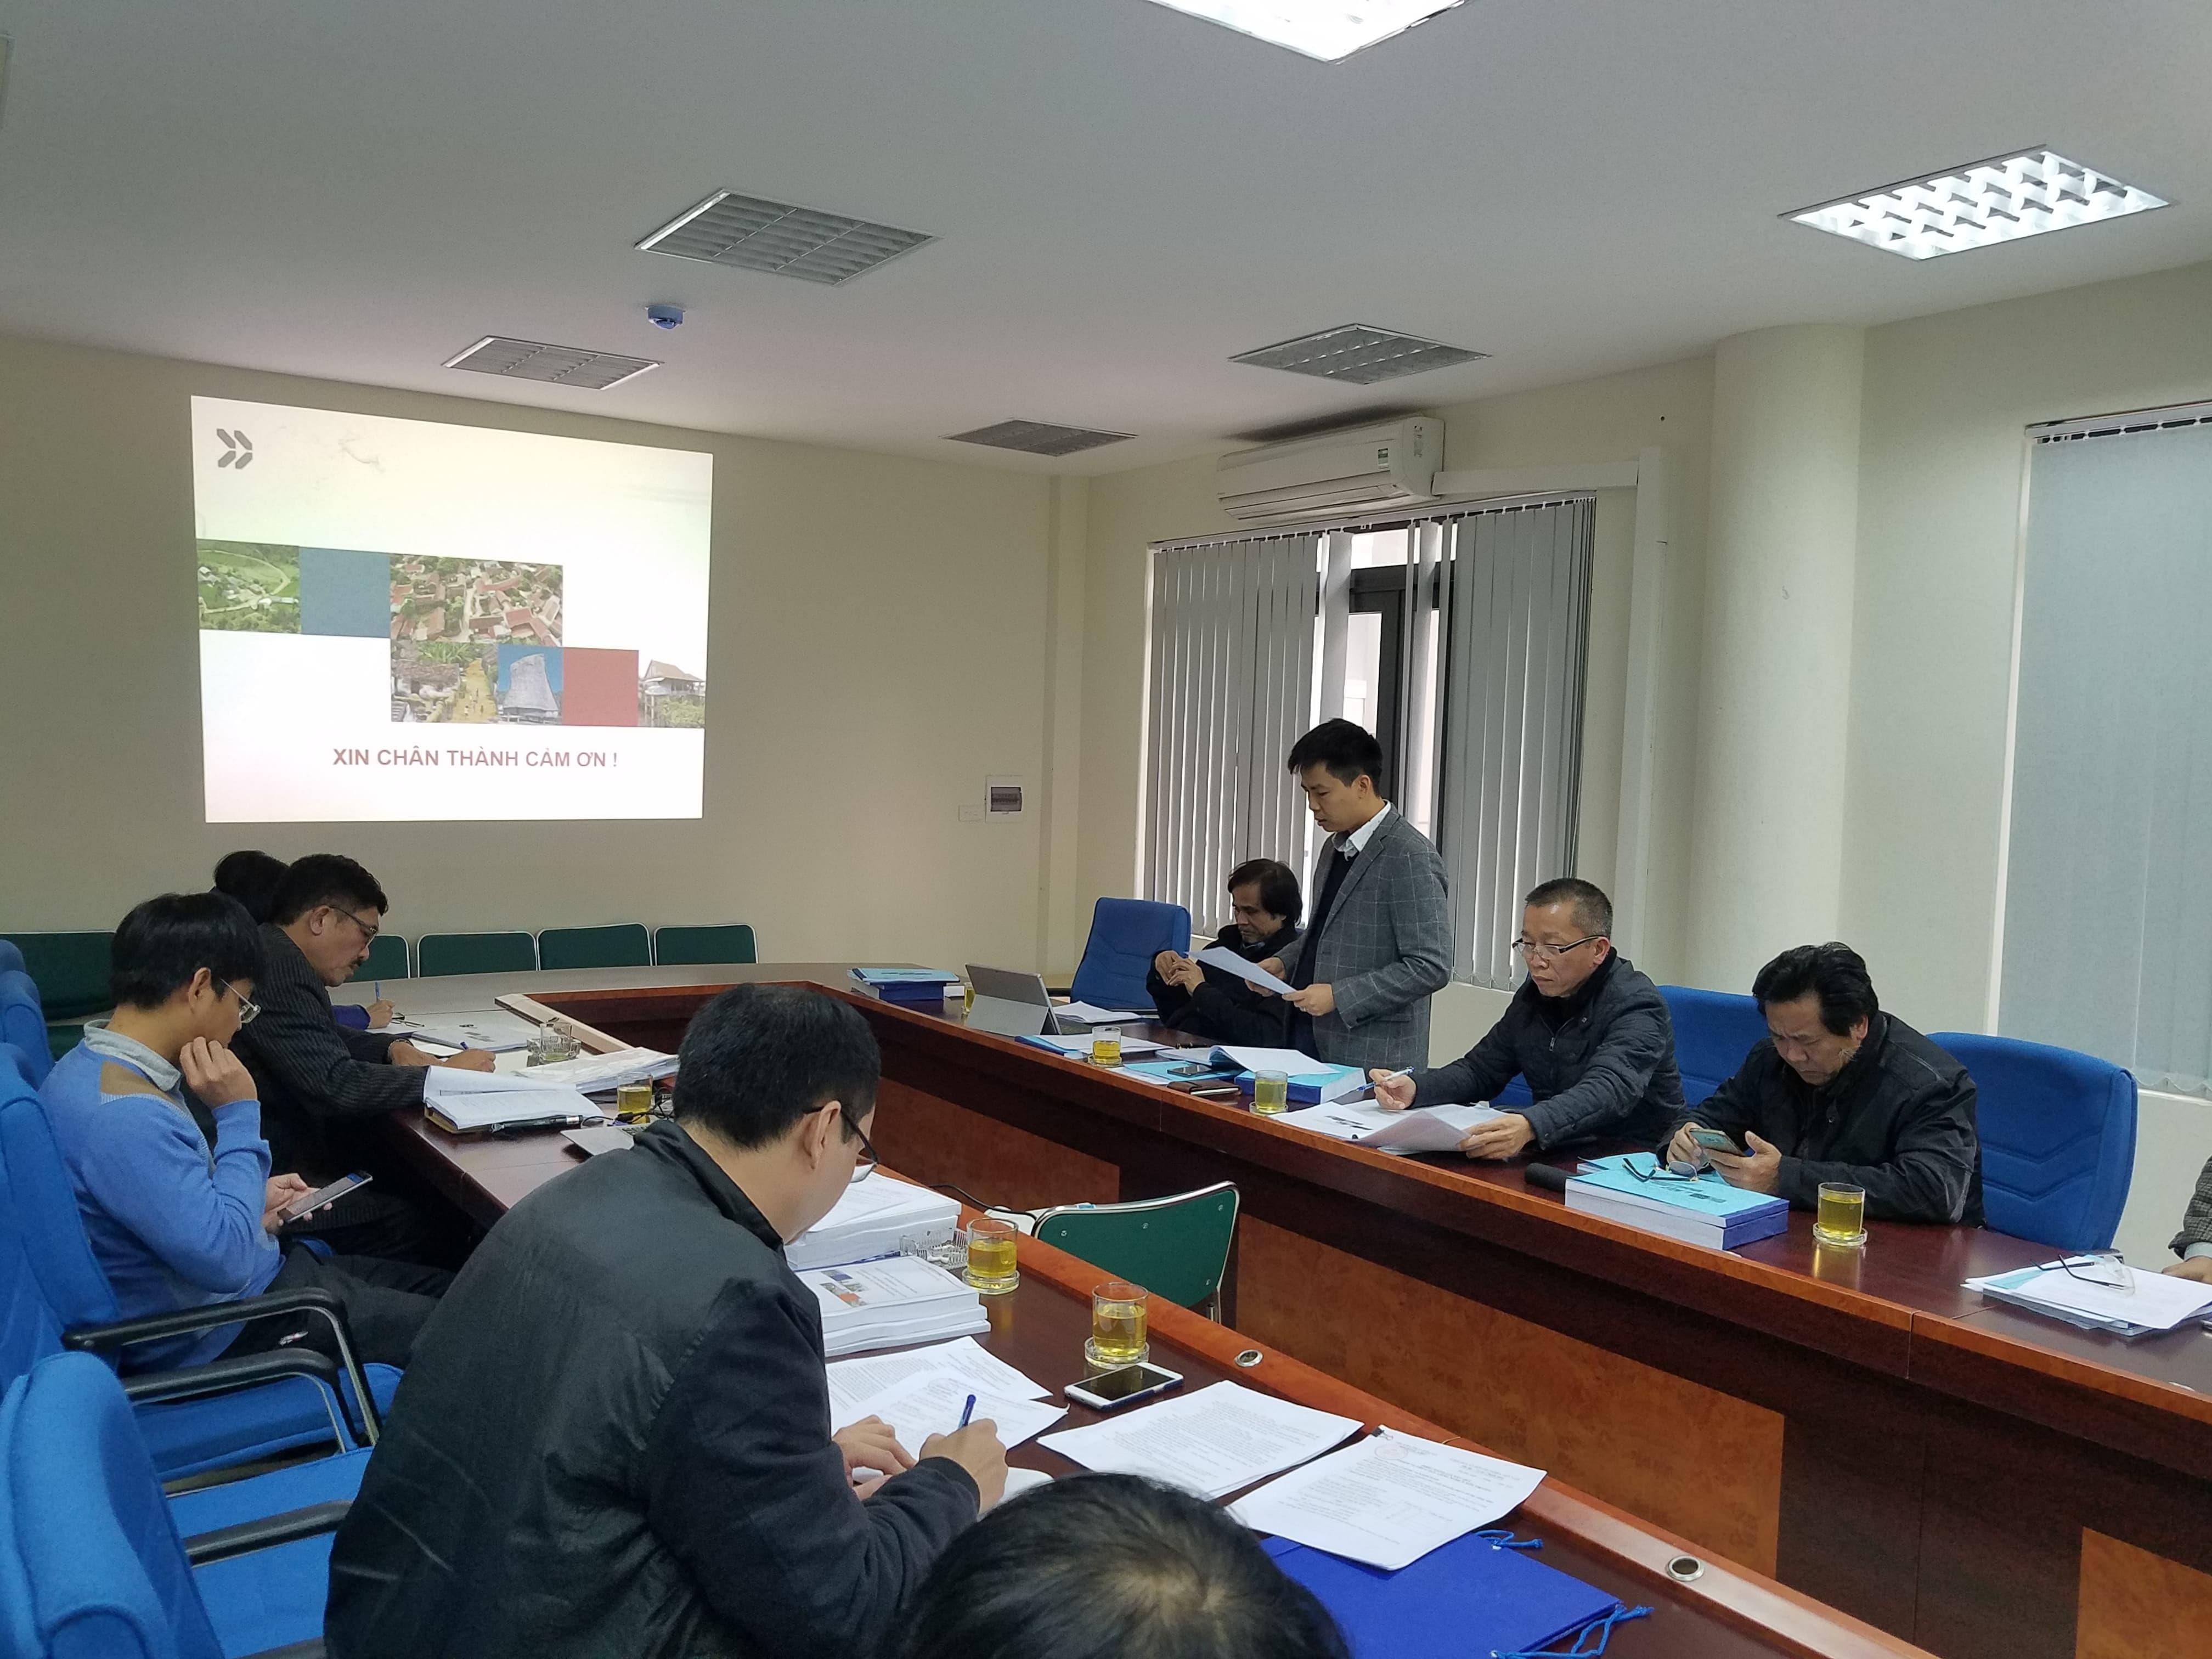 3 ông Hà Quang Hưng - Phó Cục trưởng Cục Quản lý Nhà và Thị trường Bất động sản (Bộ Xây dựng) thành viên hội đồng nghiệm thu phát biểu tại buổi làm việc